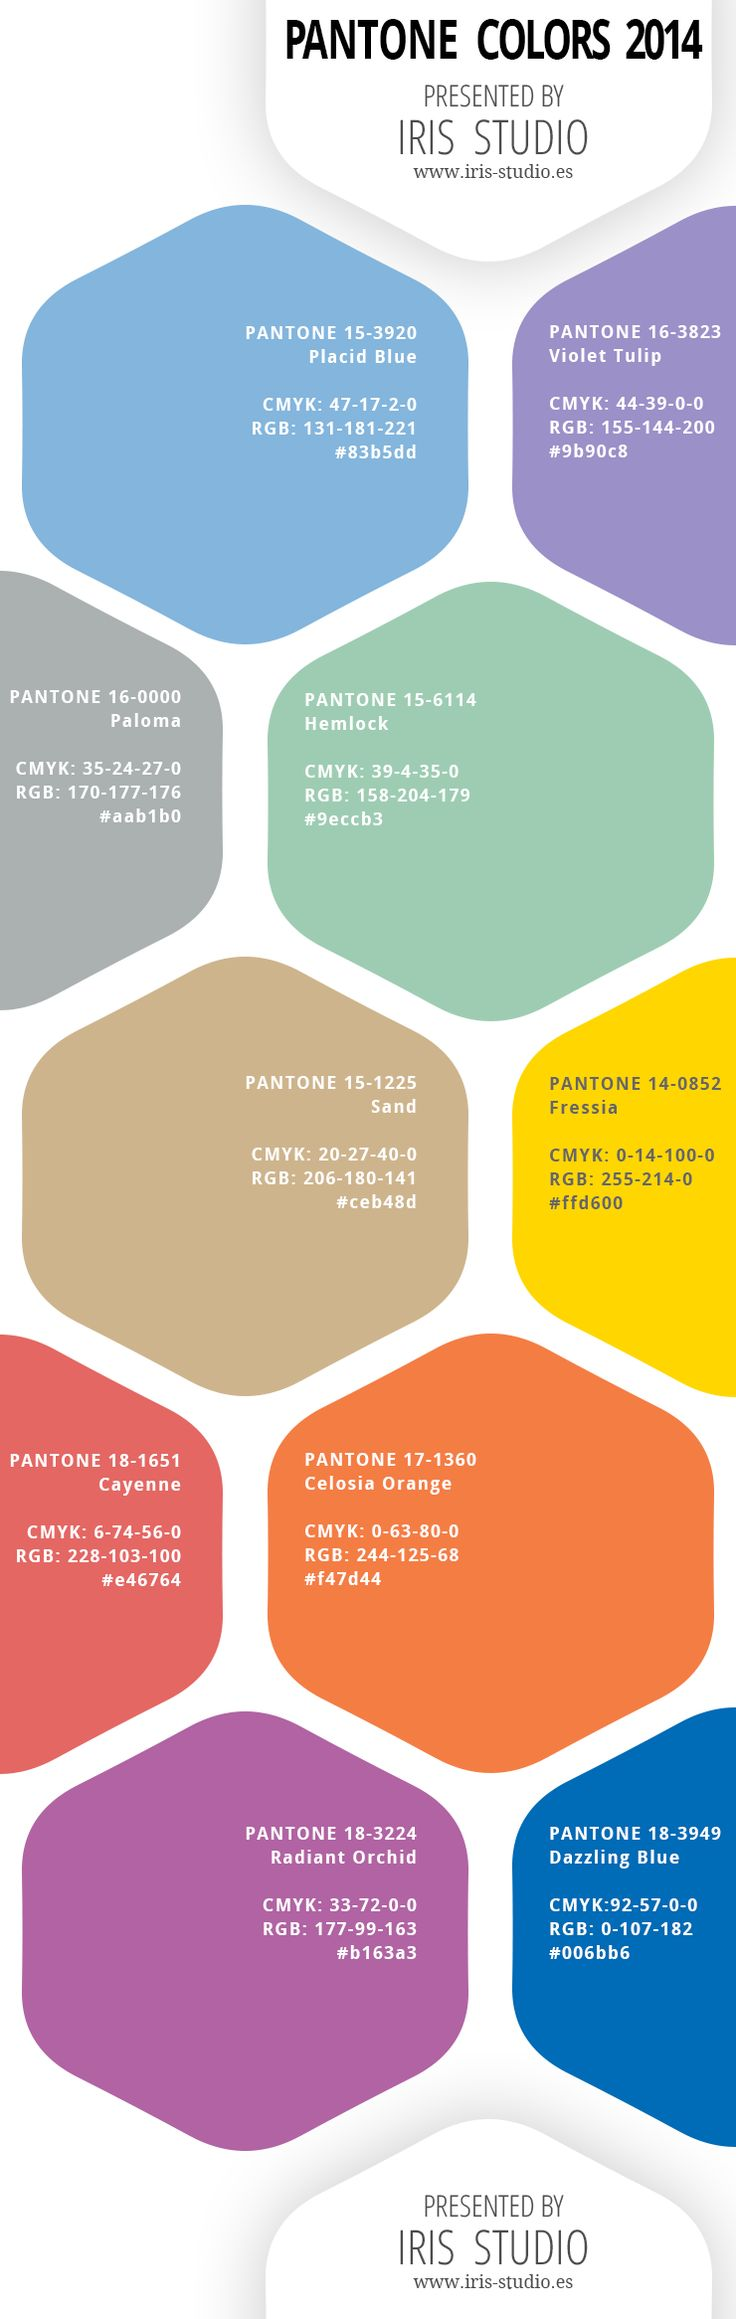 Web colors lime - Colores Para La Primavera 2014 Pantone Seg N Pantone Con C Digos De Colores Cmyk Rgb